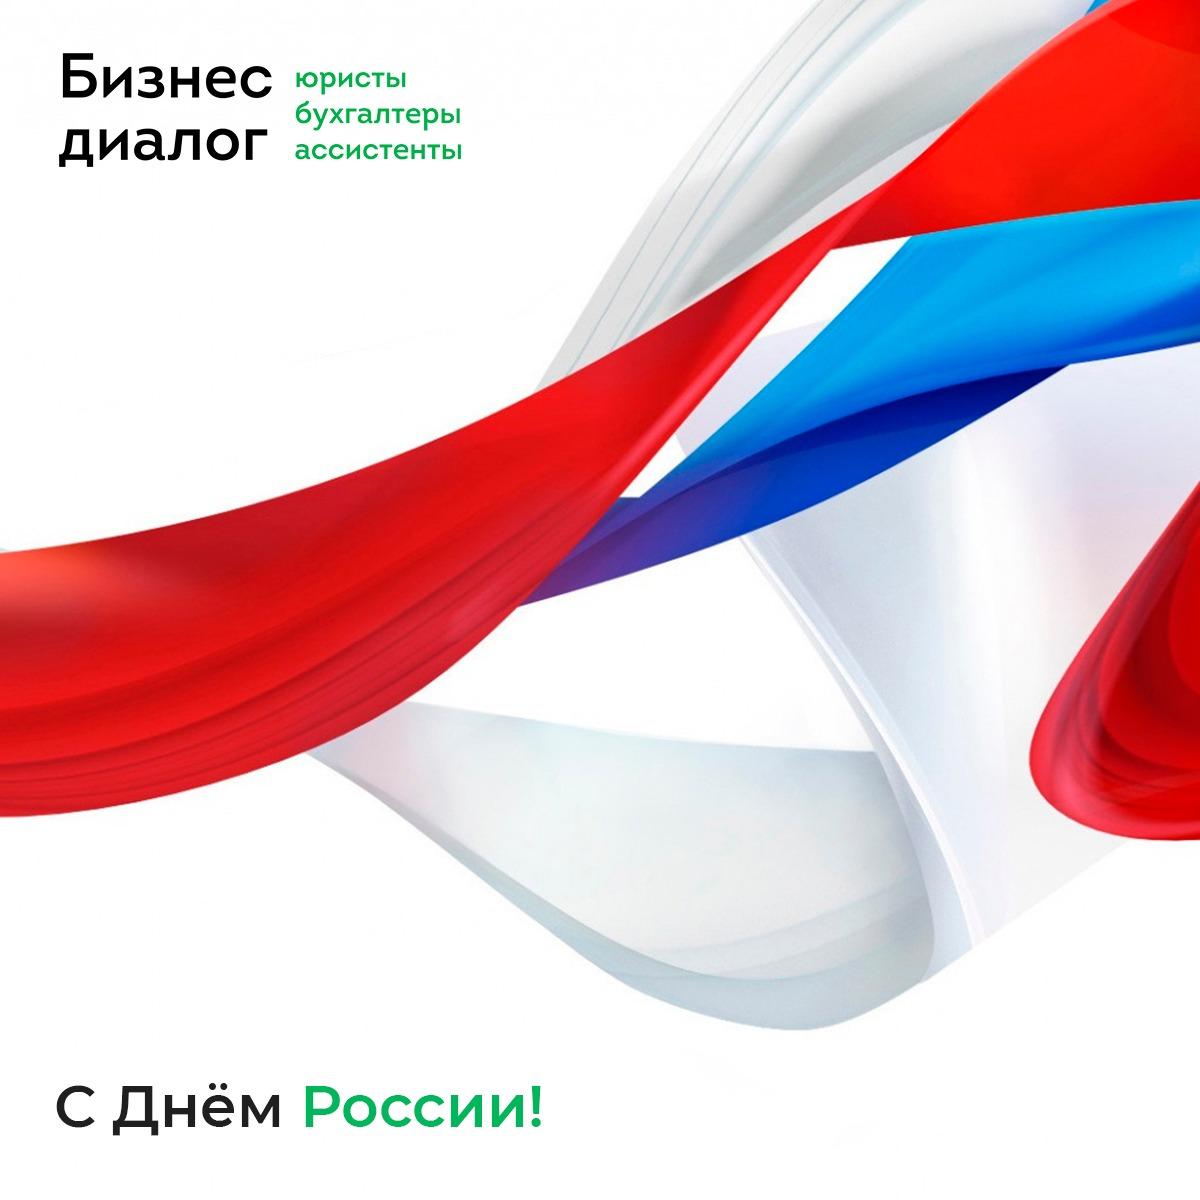 С днем России. Бизнес Диалог. ubk-bd.ru